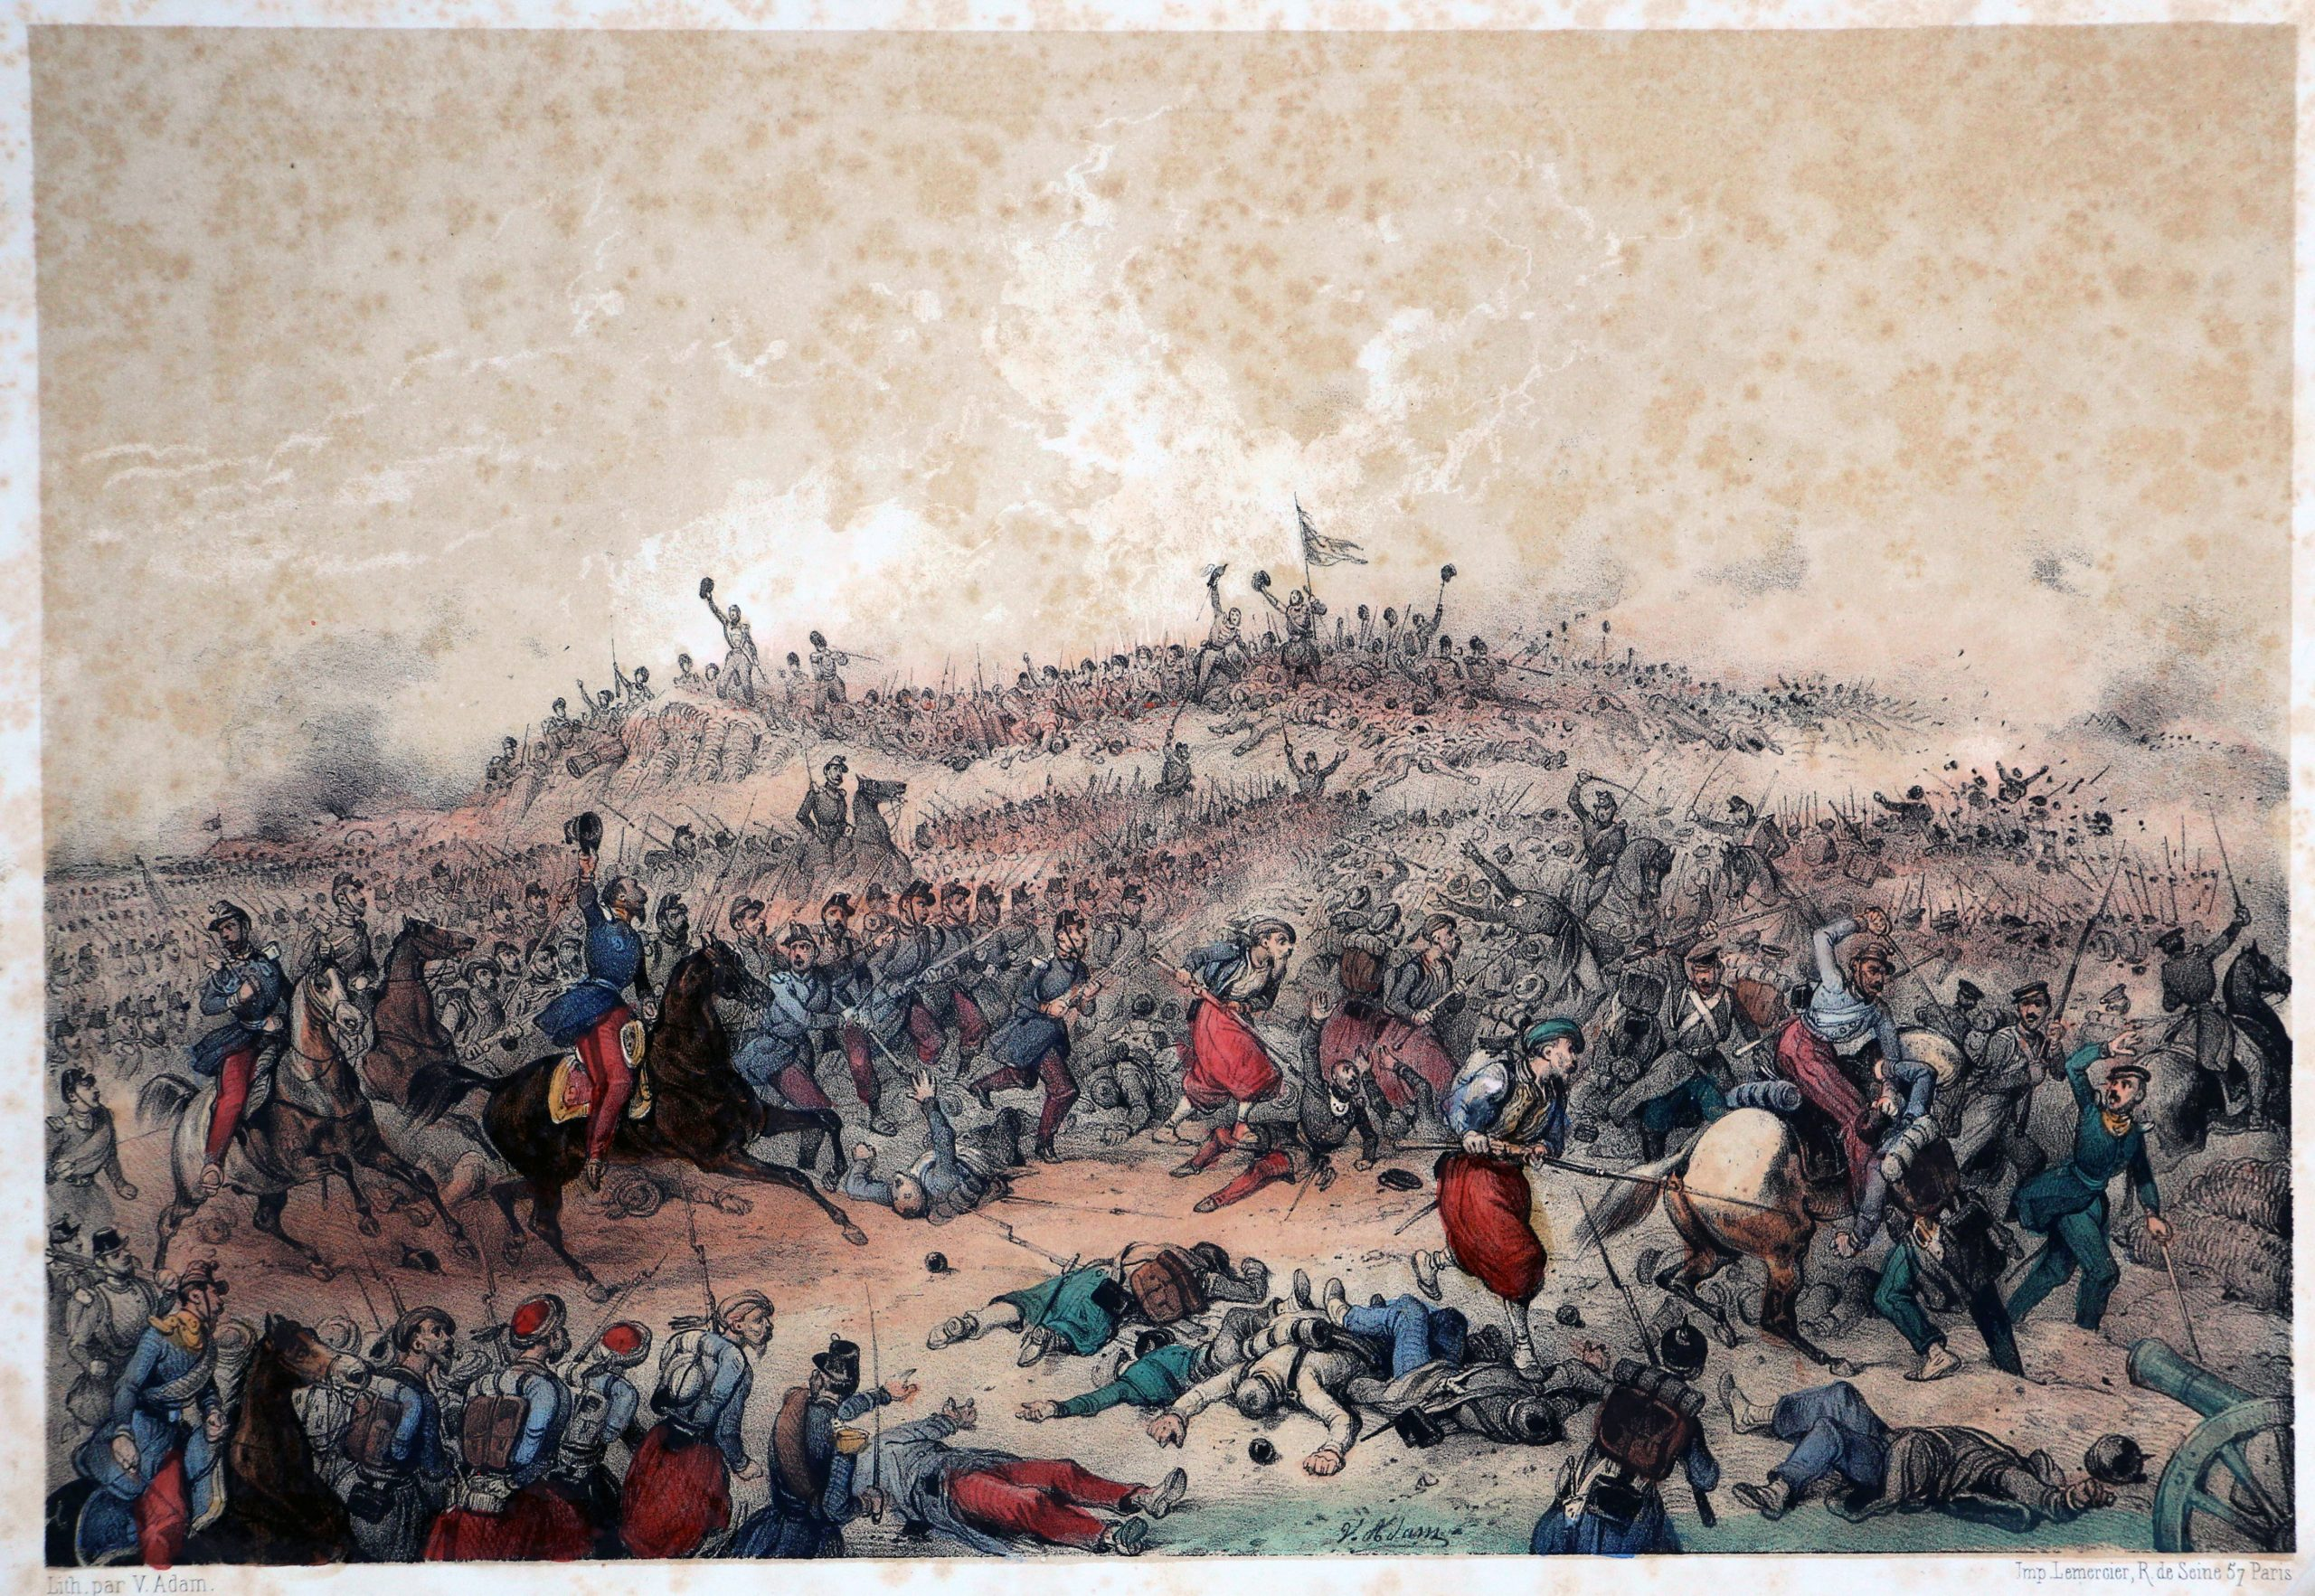 Gravures XIX - Victor Adam - Second Empire - Uniforme - Guerre de Crimée - Bataille d'Inkermann - Division Bousquet s'élance contre les Russes.